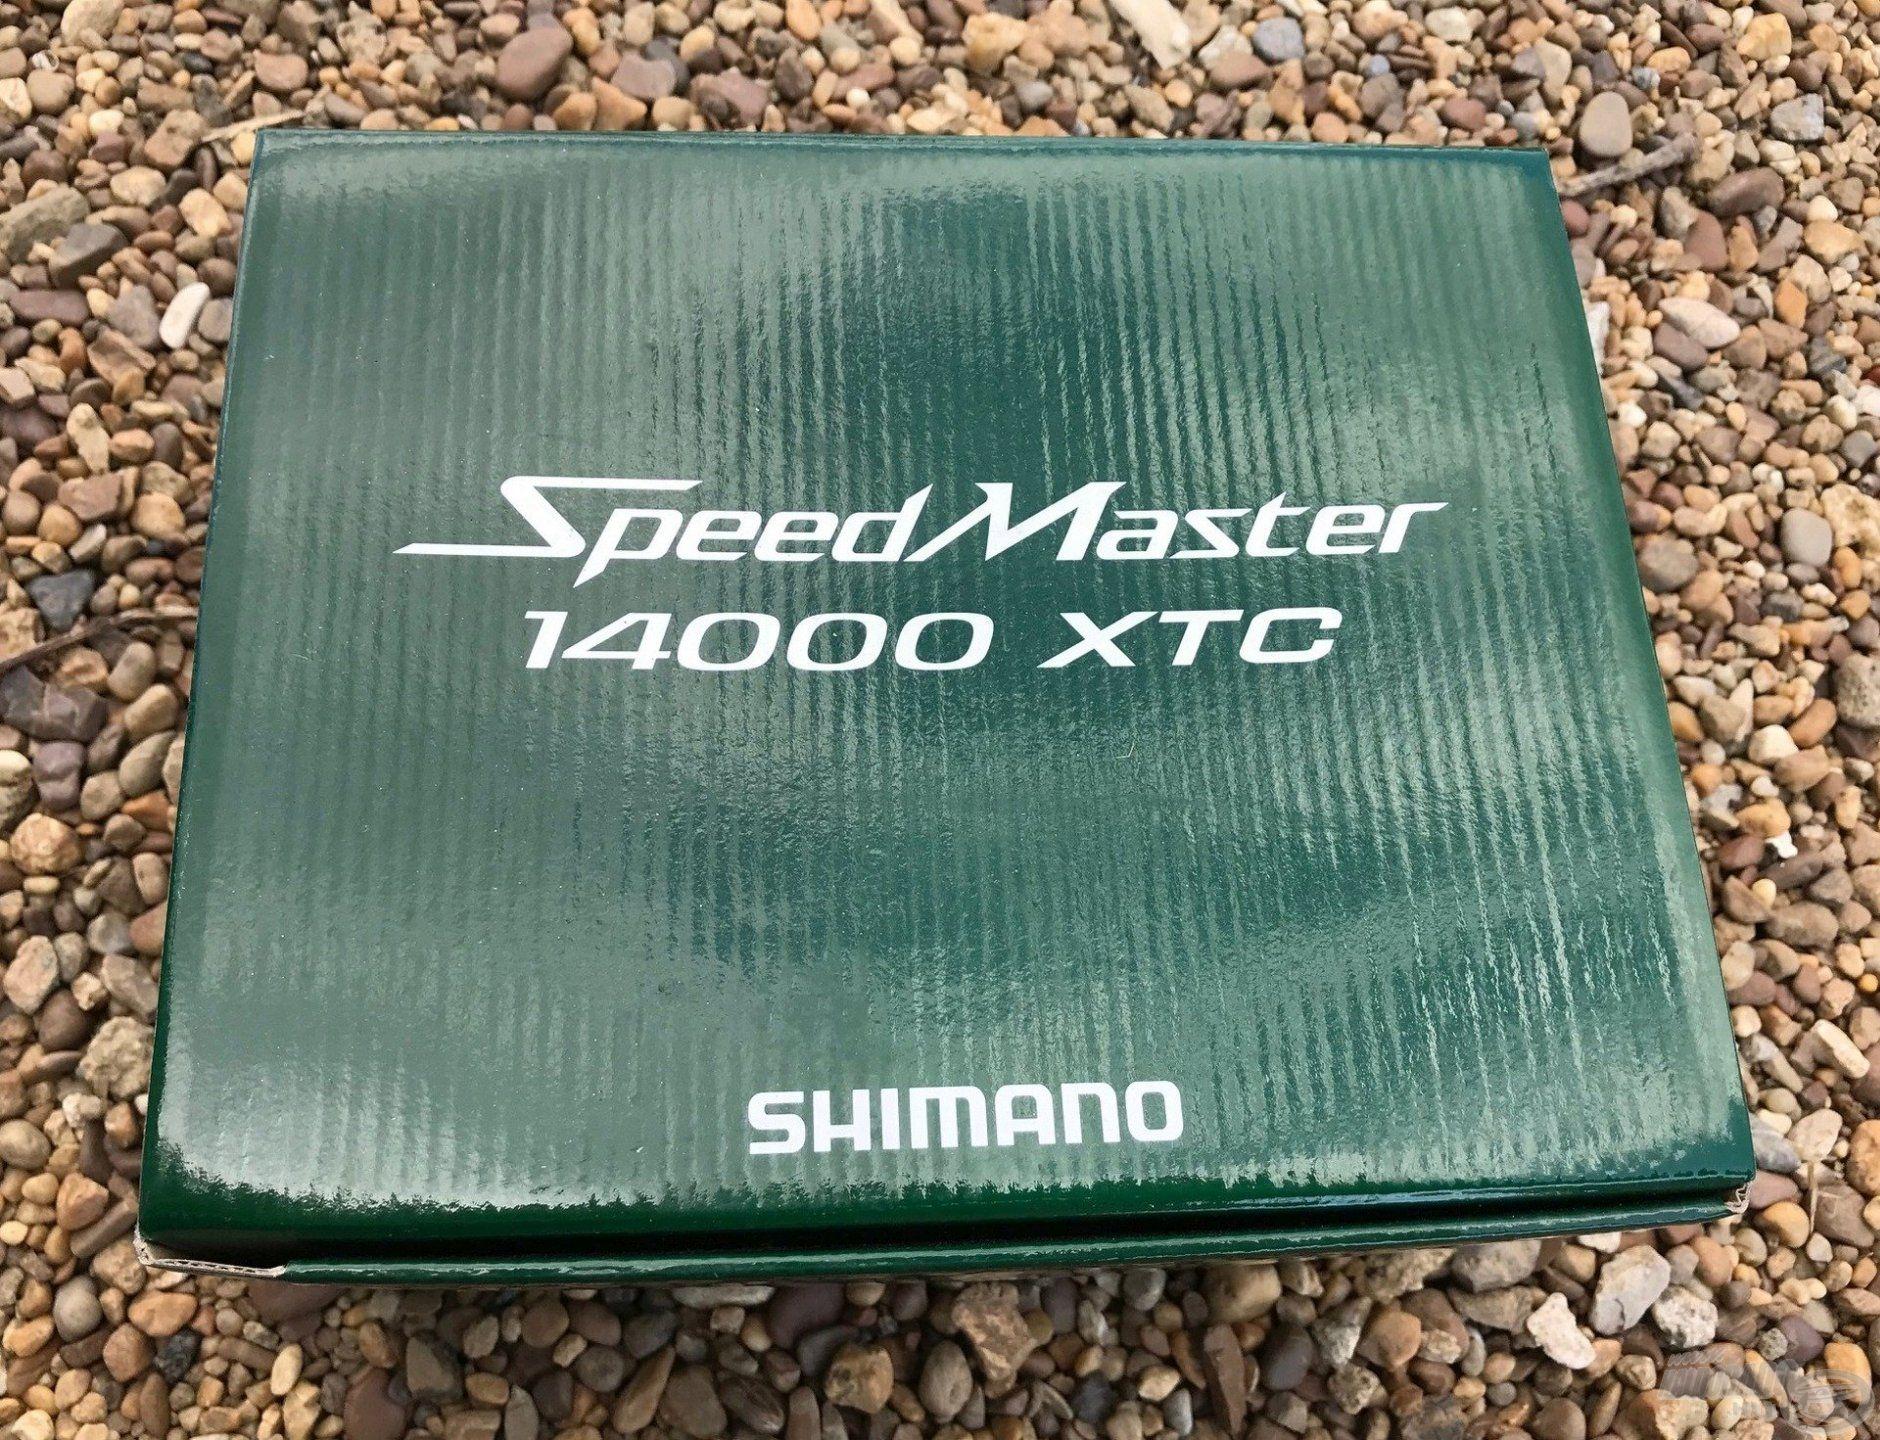 Shimano SpeedMaster 14000XTC még a dobozban pihen, de nem sokáig!